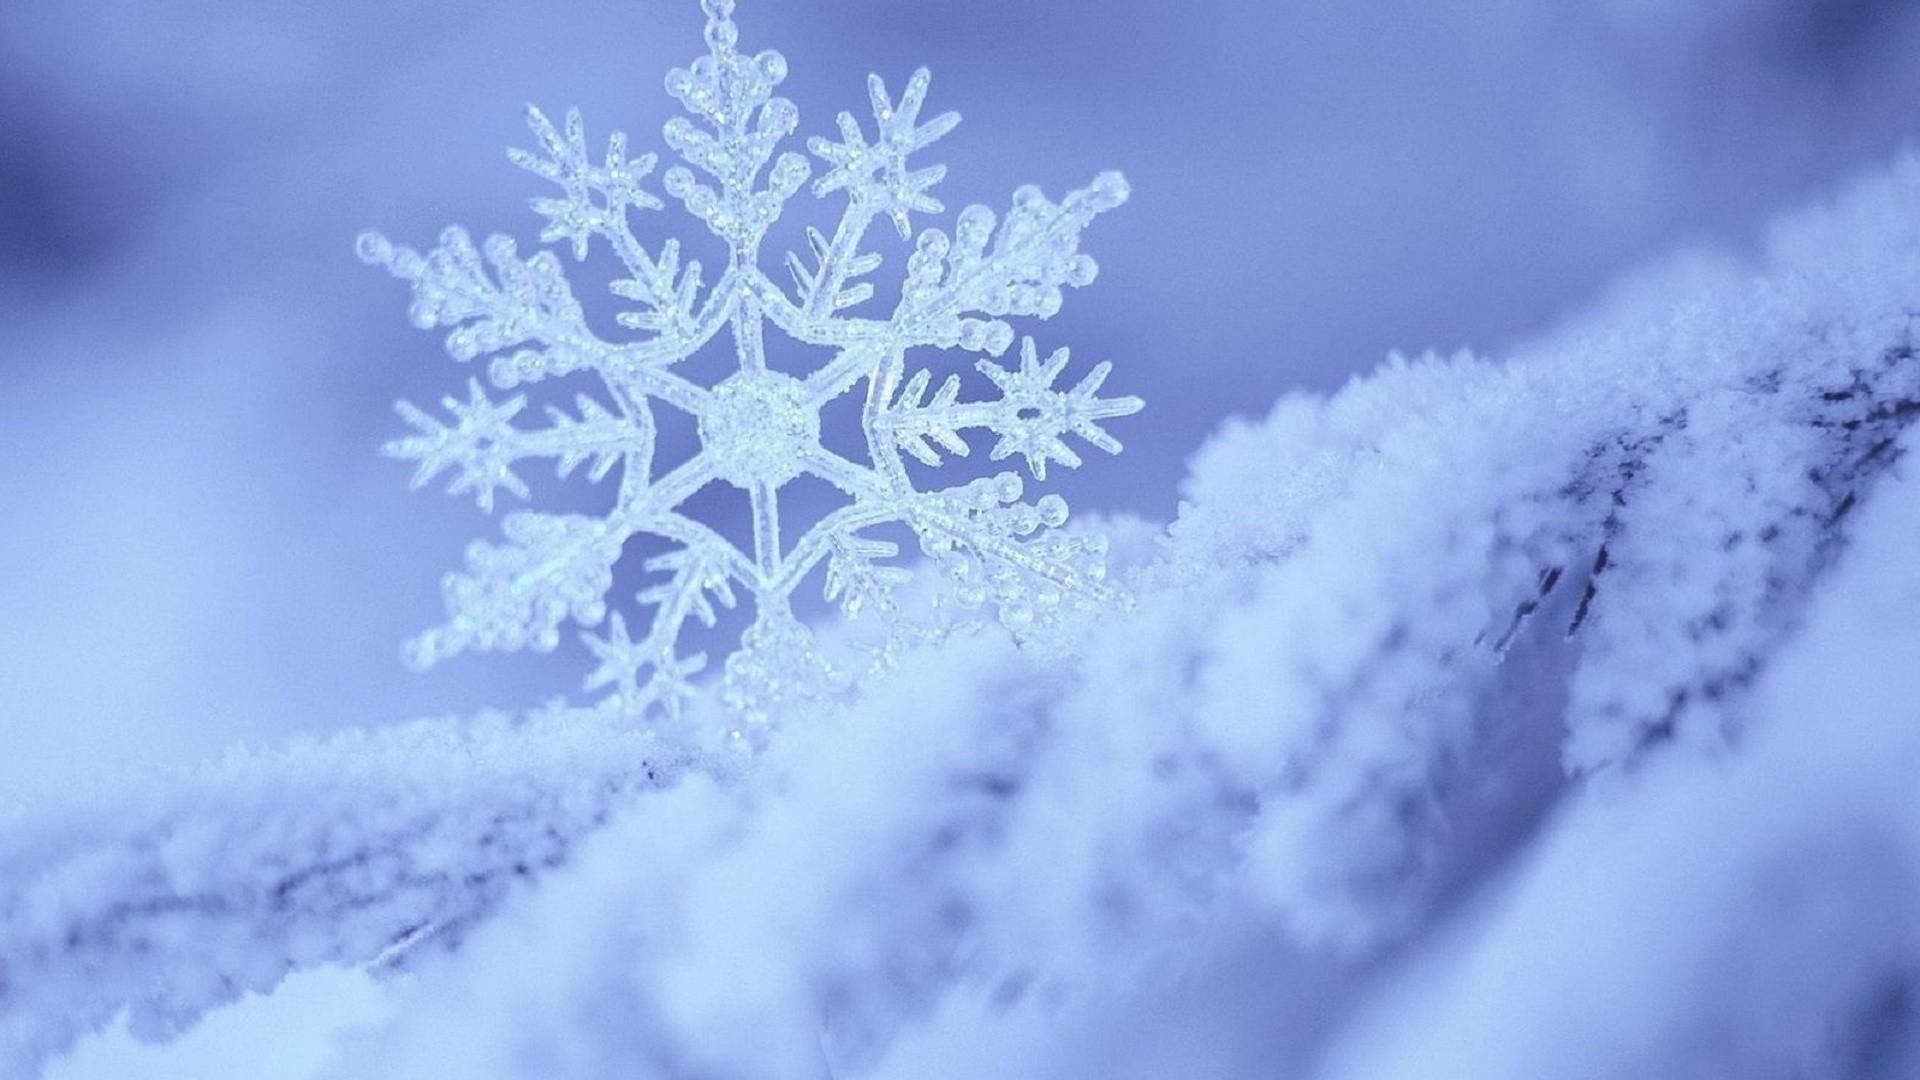 Snowflake Wallpaper Pic